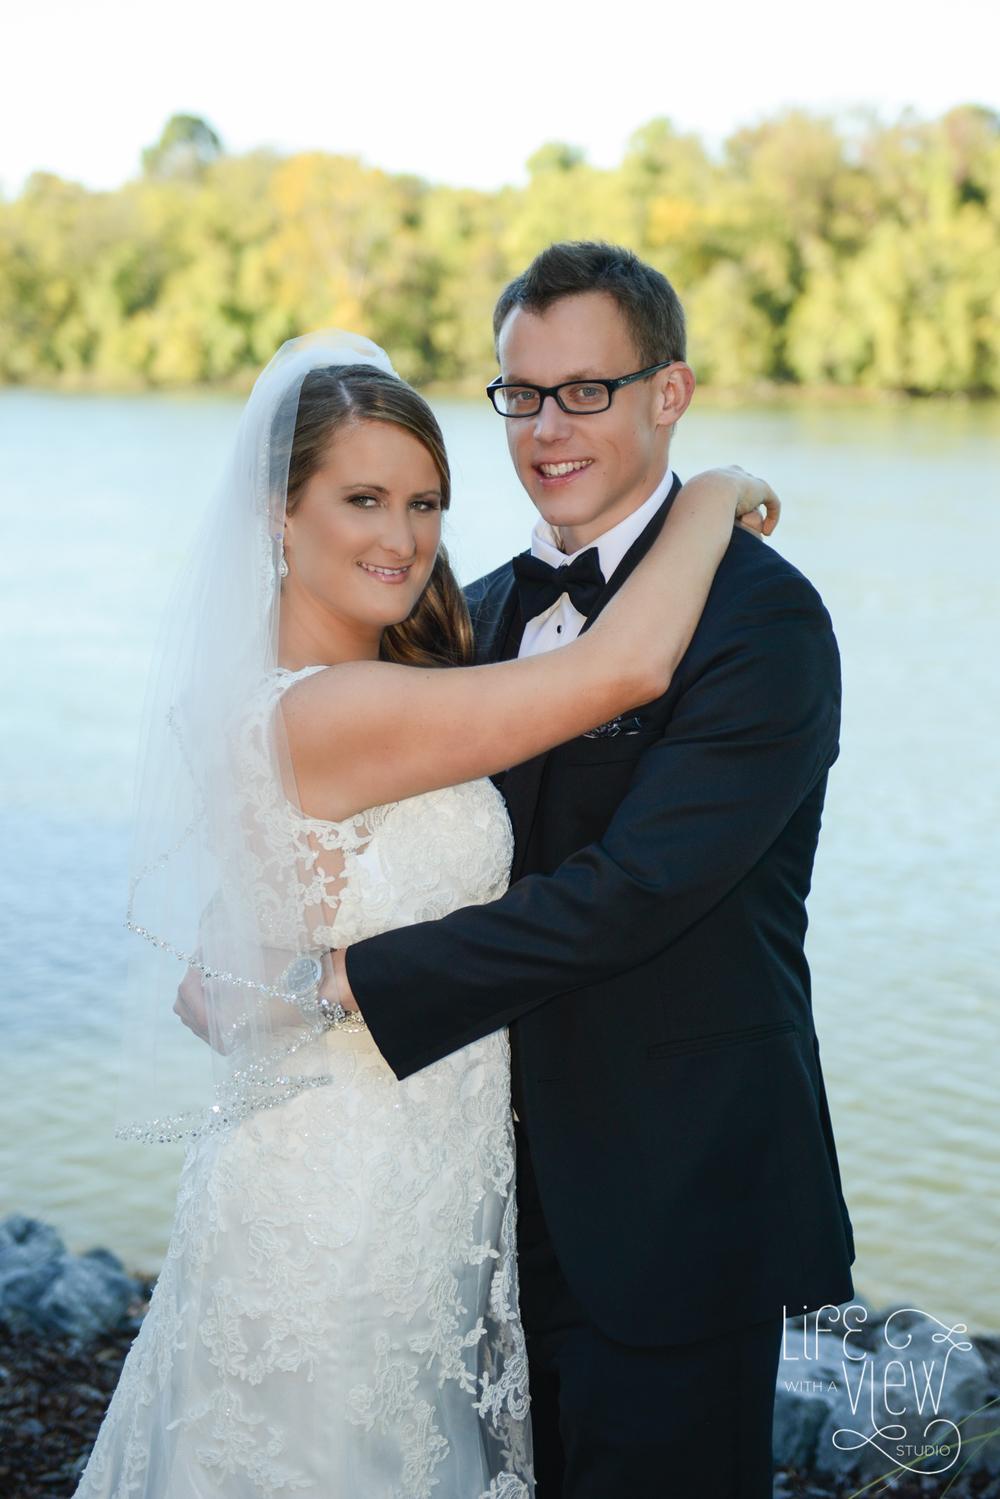 Manker-Patten-Wedding-22.jpg